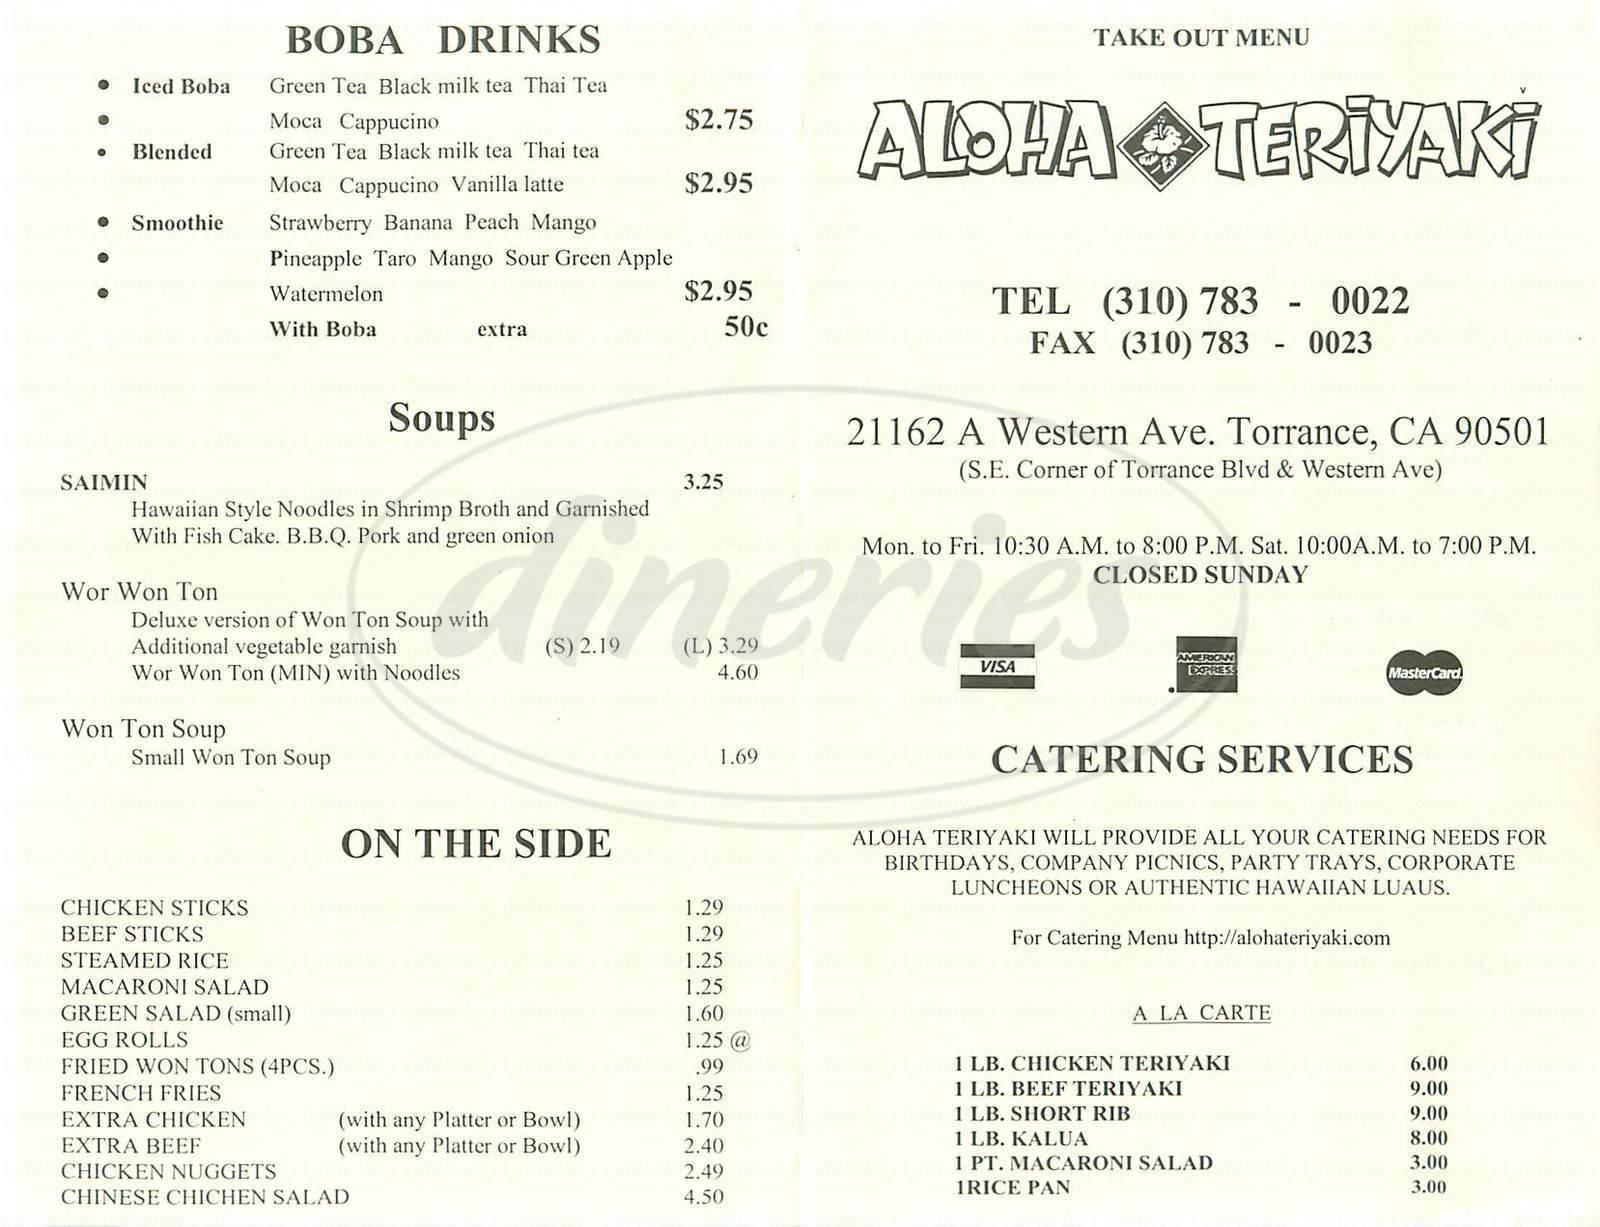 menu for Aloha Teriyaki